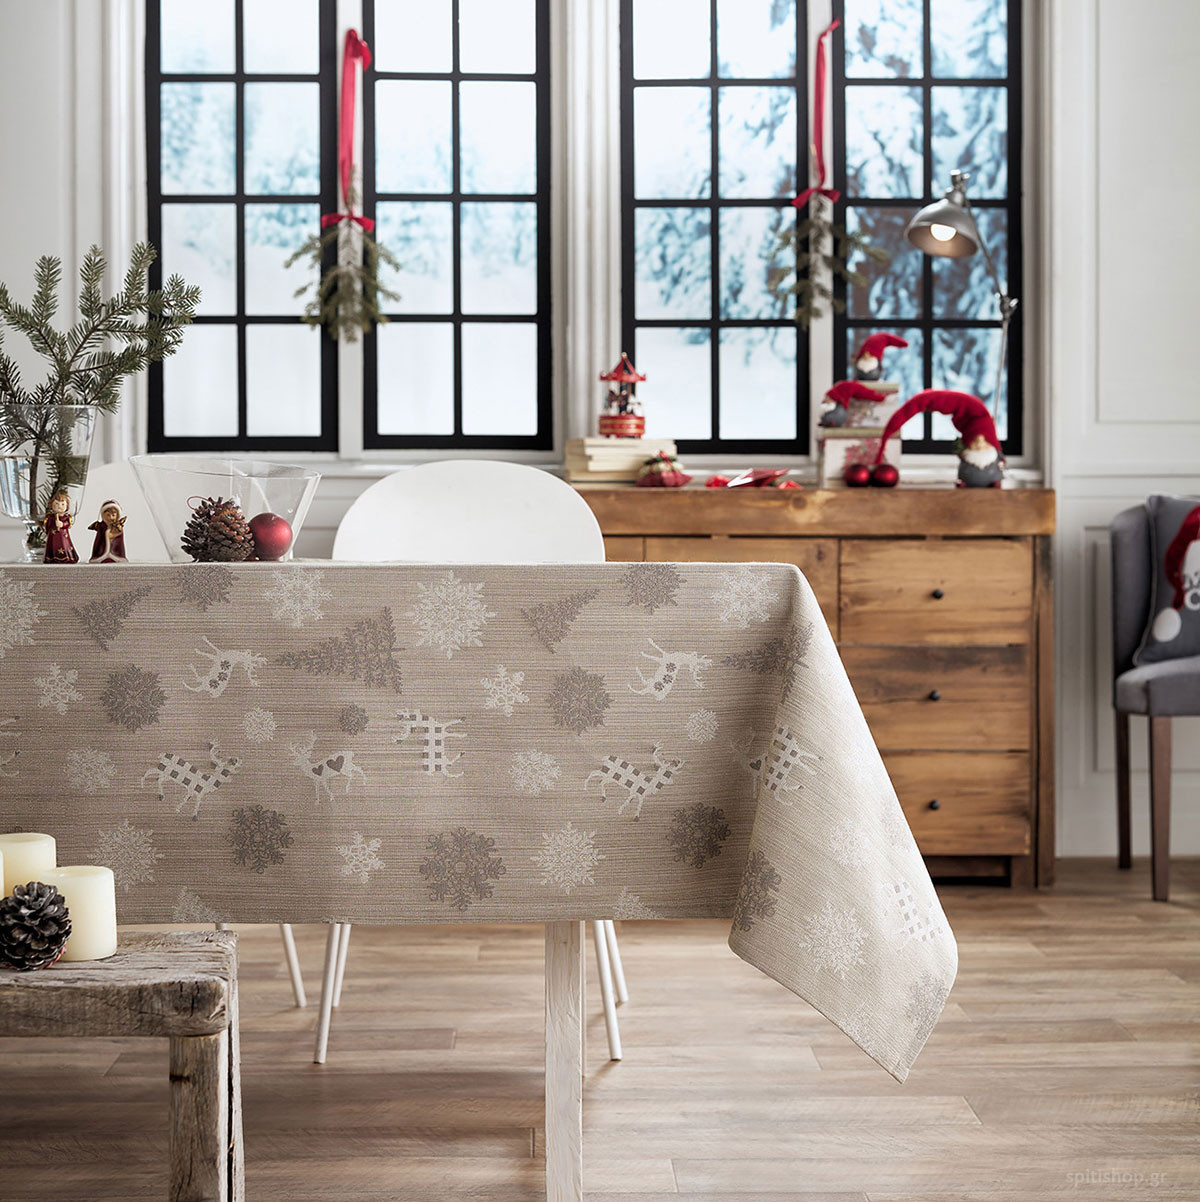 Χριστουγεννιάτικο Τραπεζομάντηλο (135×220) Gofis Home 285/04